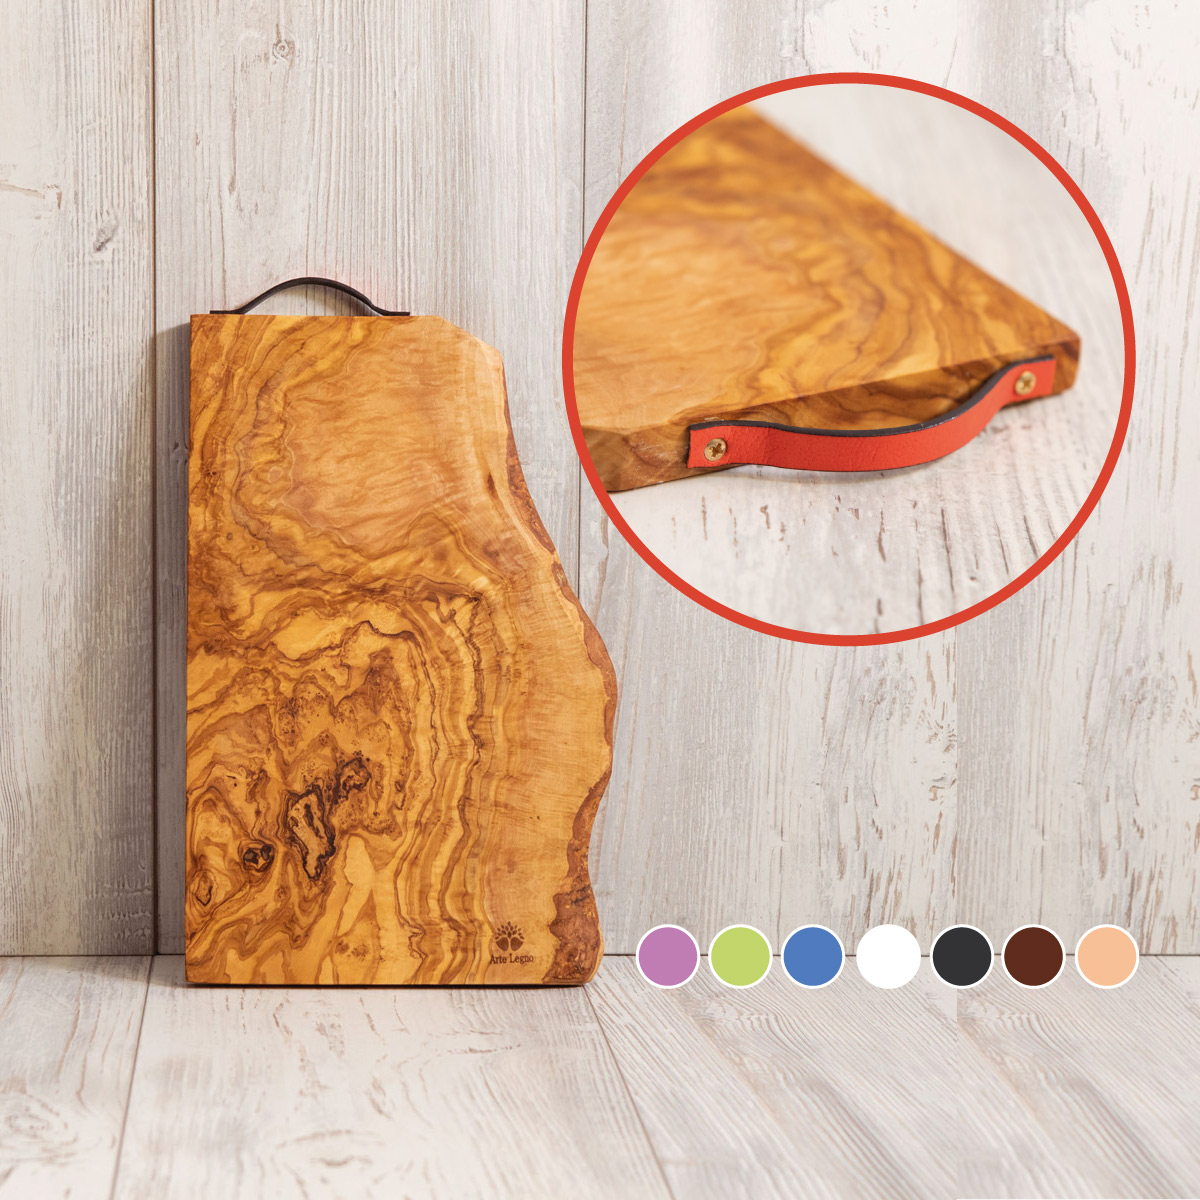 Tagliere in legno di Ulivo con manico in cuoio - Artelegno